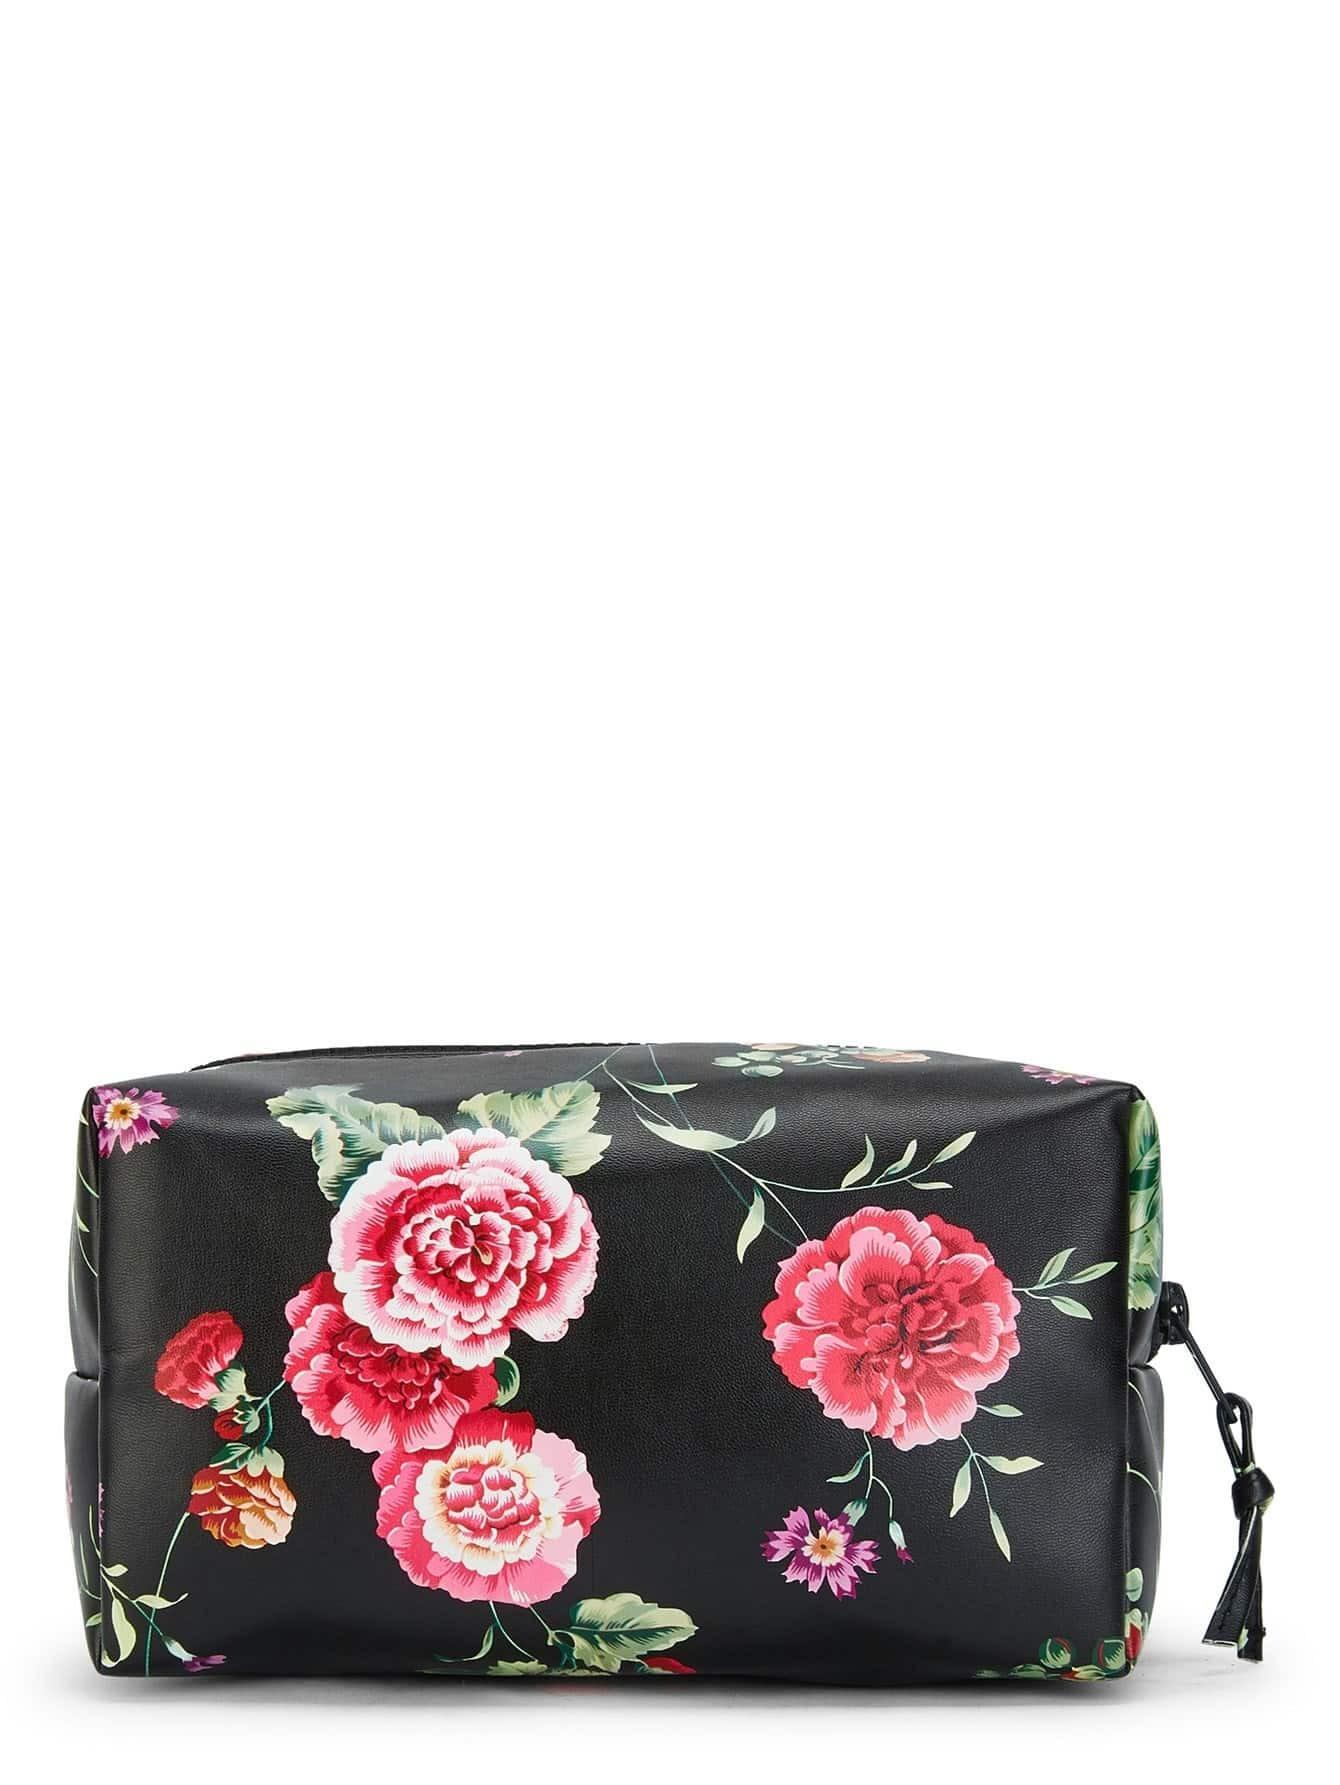 Flower Print Zipper Makeup Bag